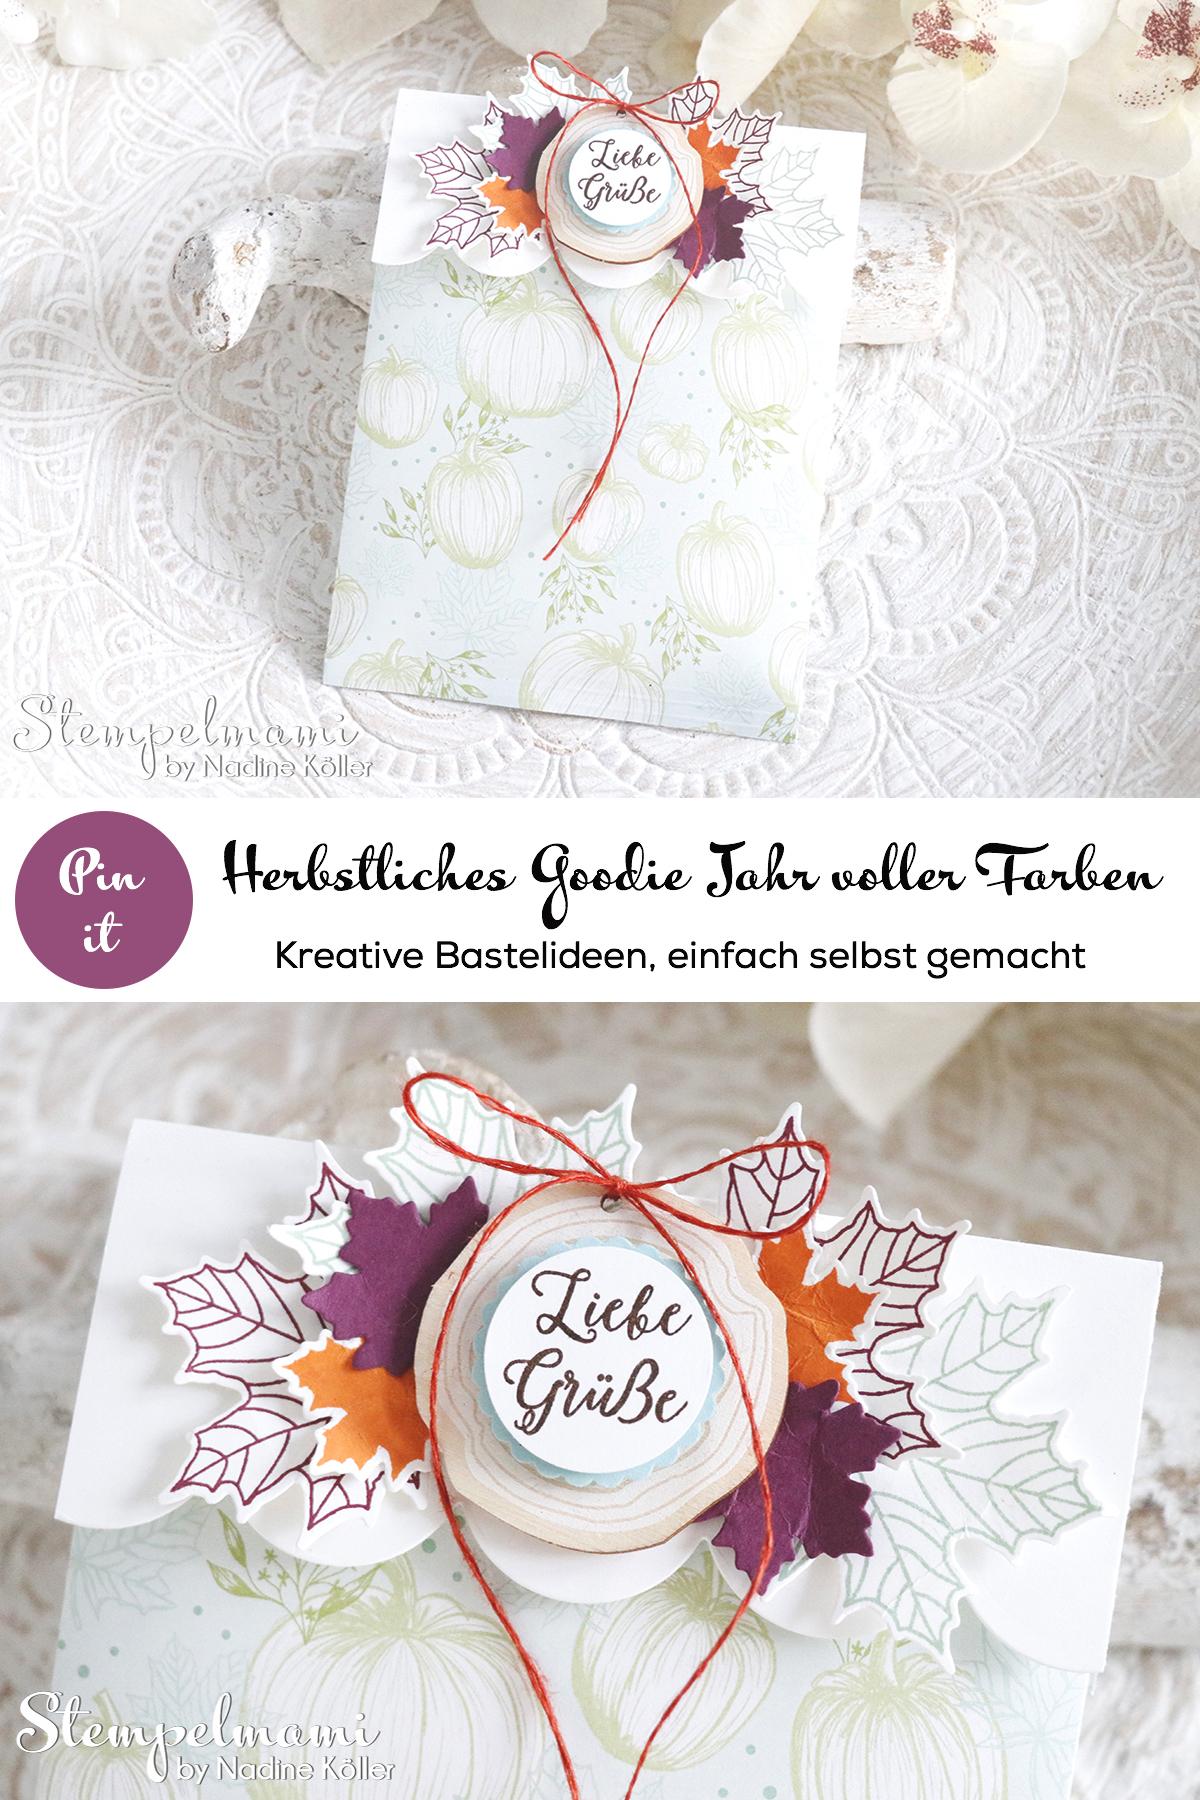 Stampin Up Goodie Jahr voller Farben Stempelmami Verpackung Gutscheinverpackung 3